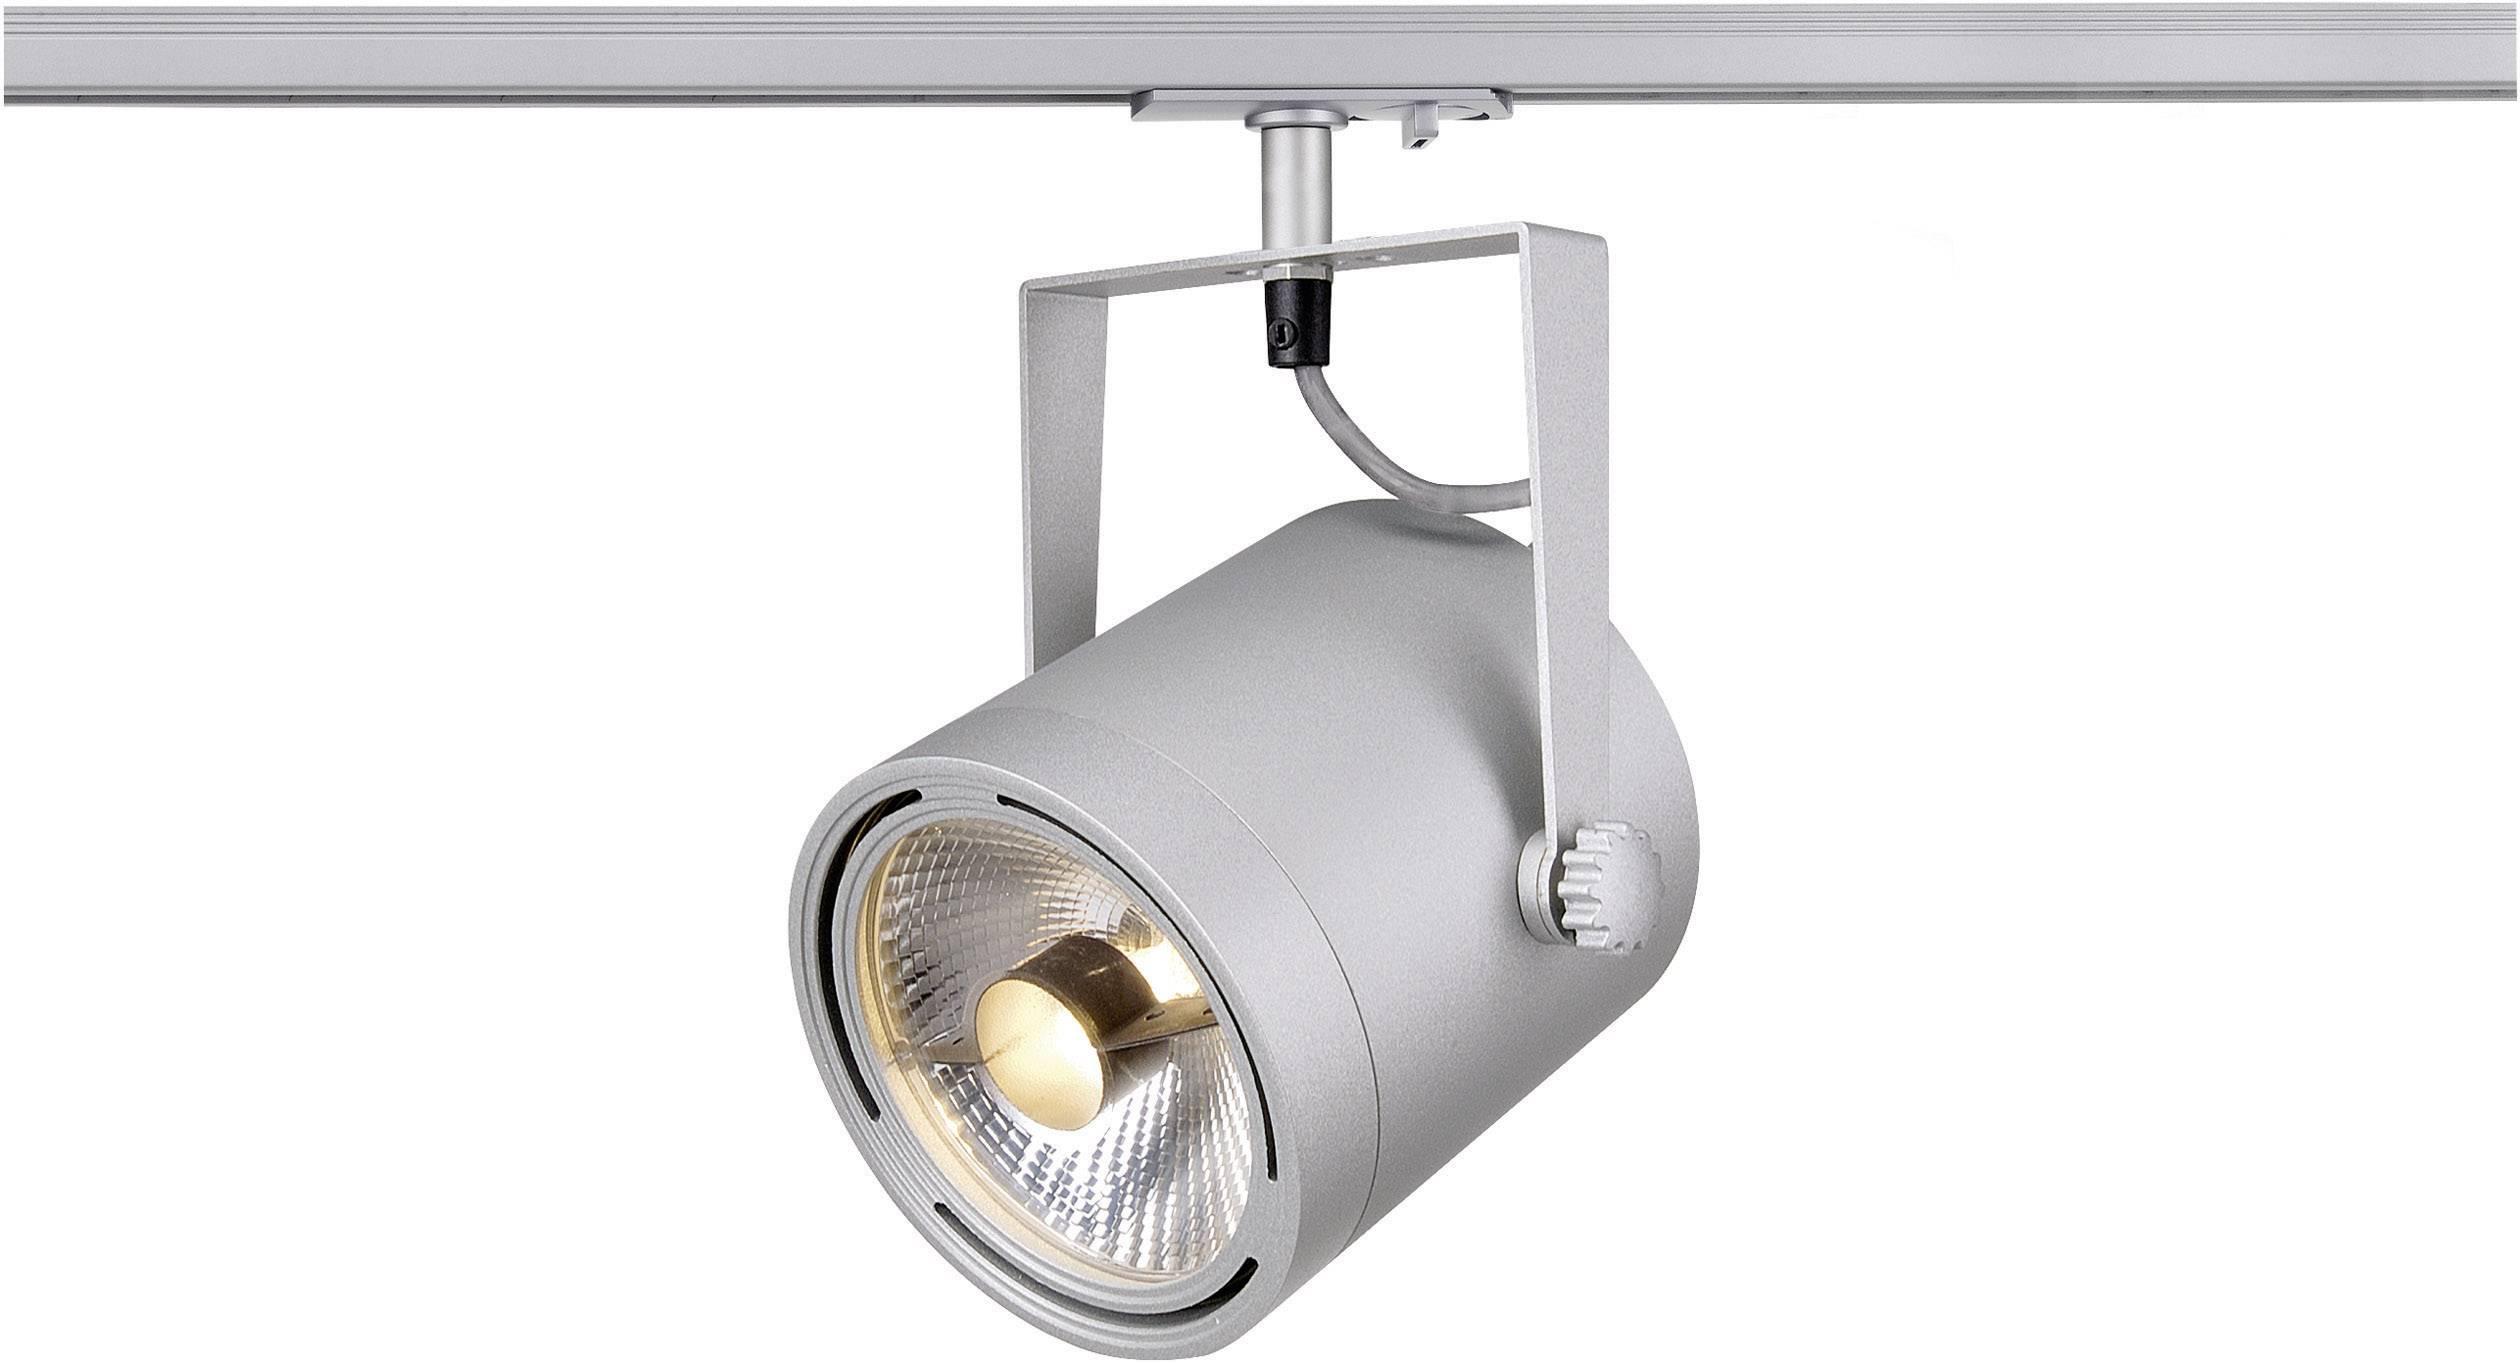 Svítidla do lištových systémů (230 V) - SLV EURO SPOT, GU10, 1fázové, 75 W, stříbrná